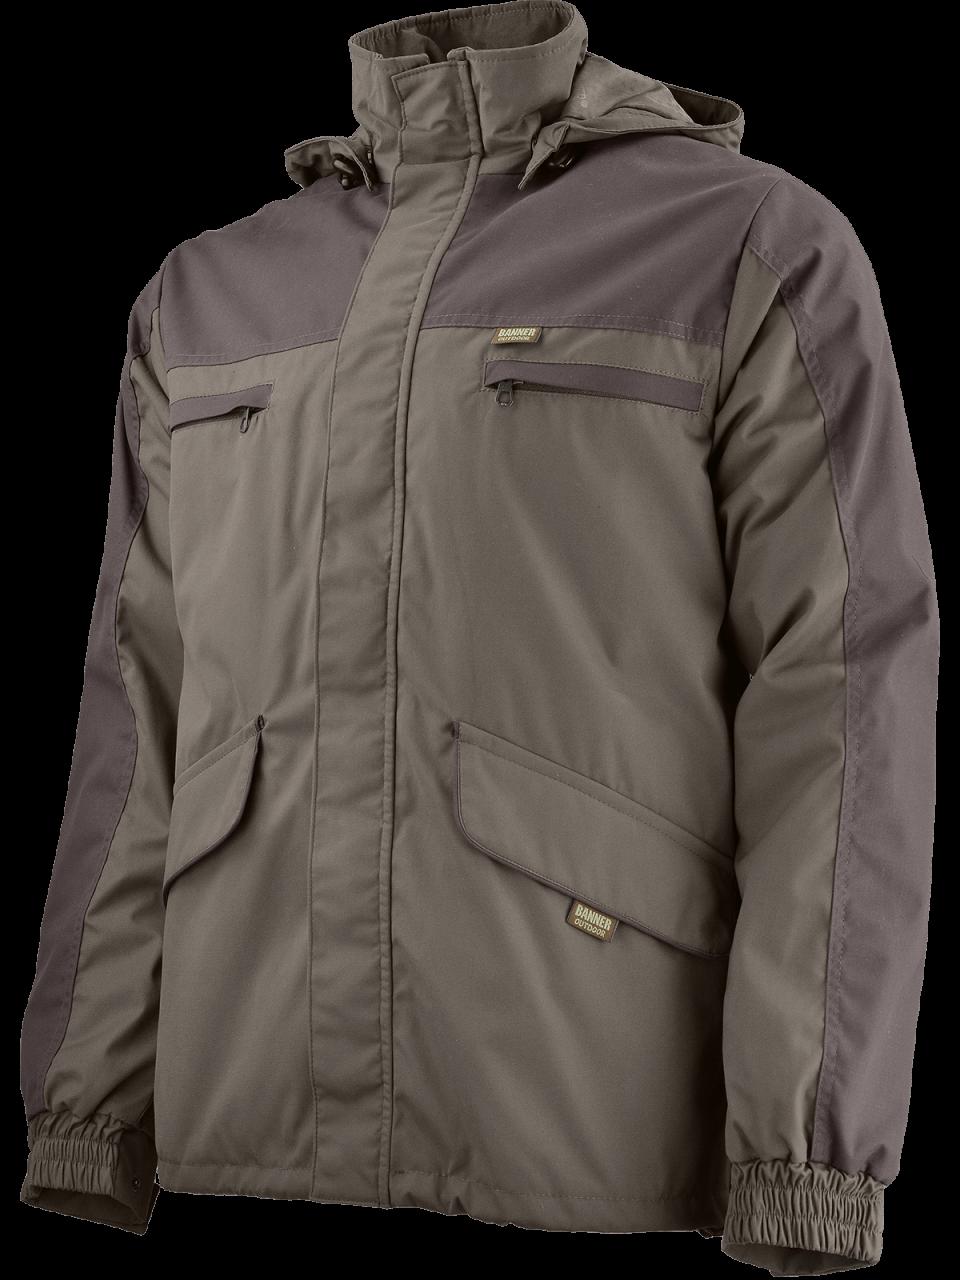 membránová bunda Parlan bok outdoorové oblečenie